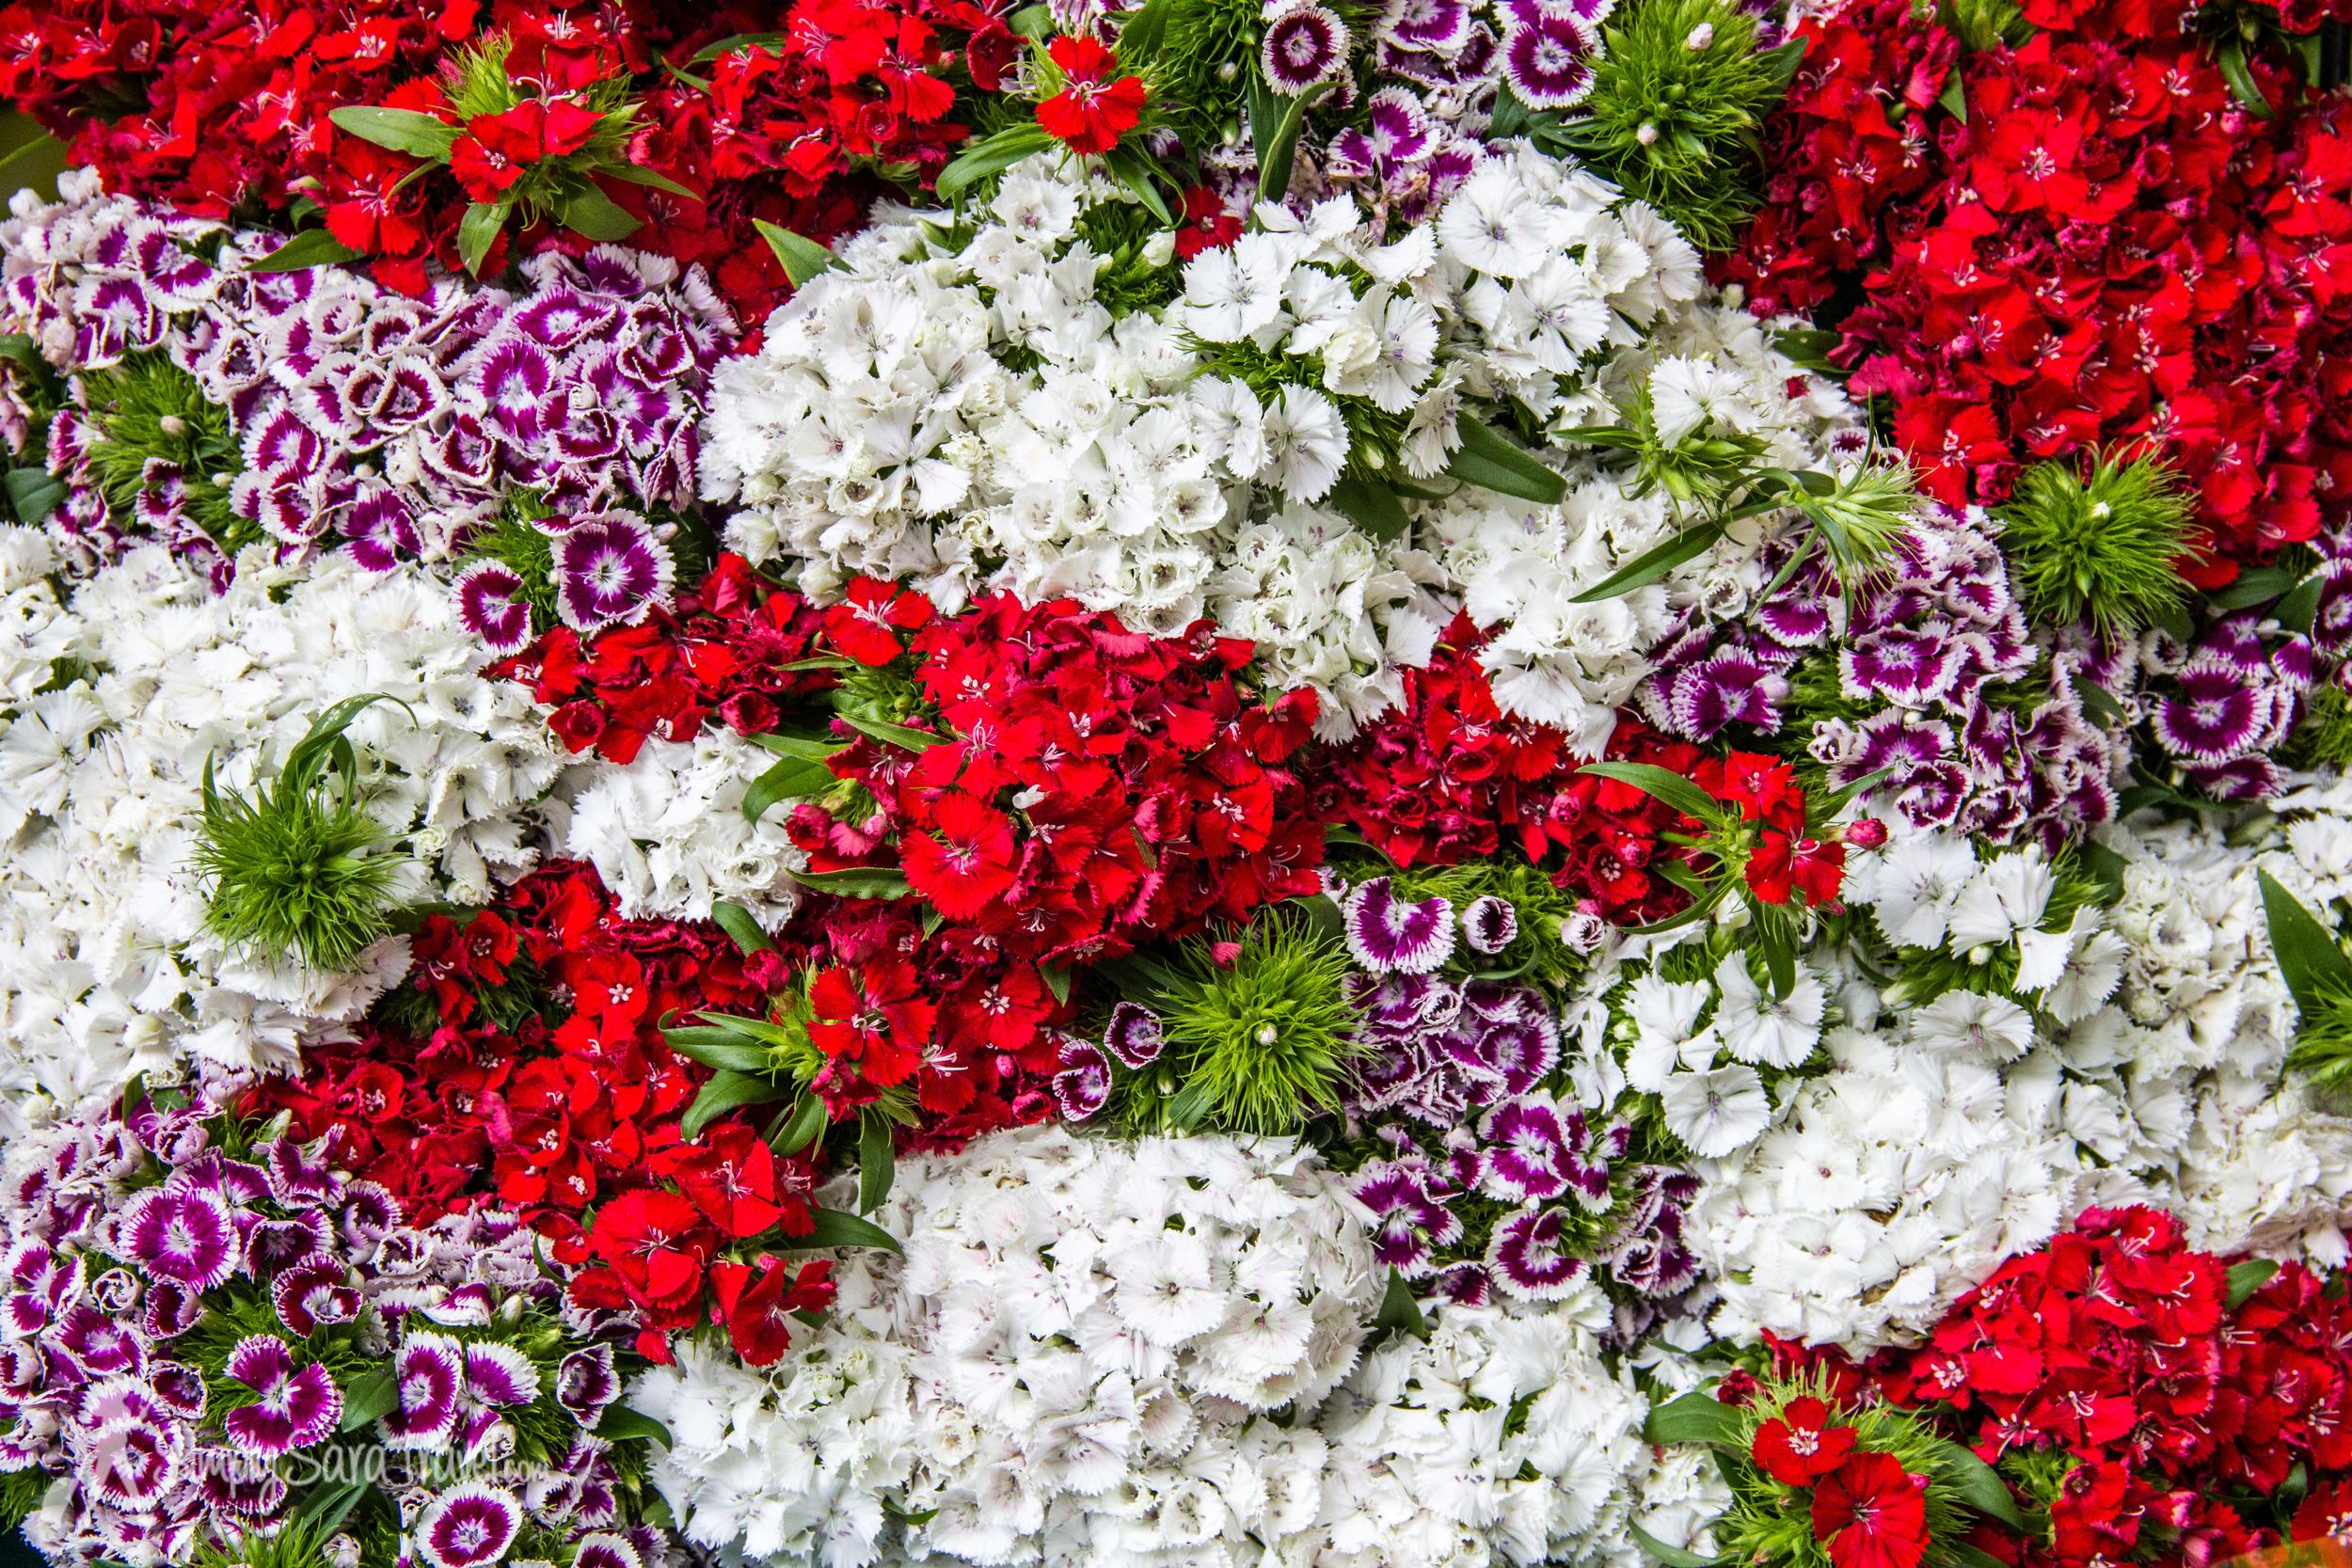 Flowers at the Bastille market, Paris